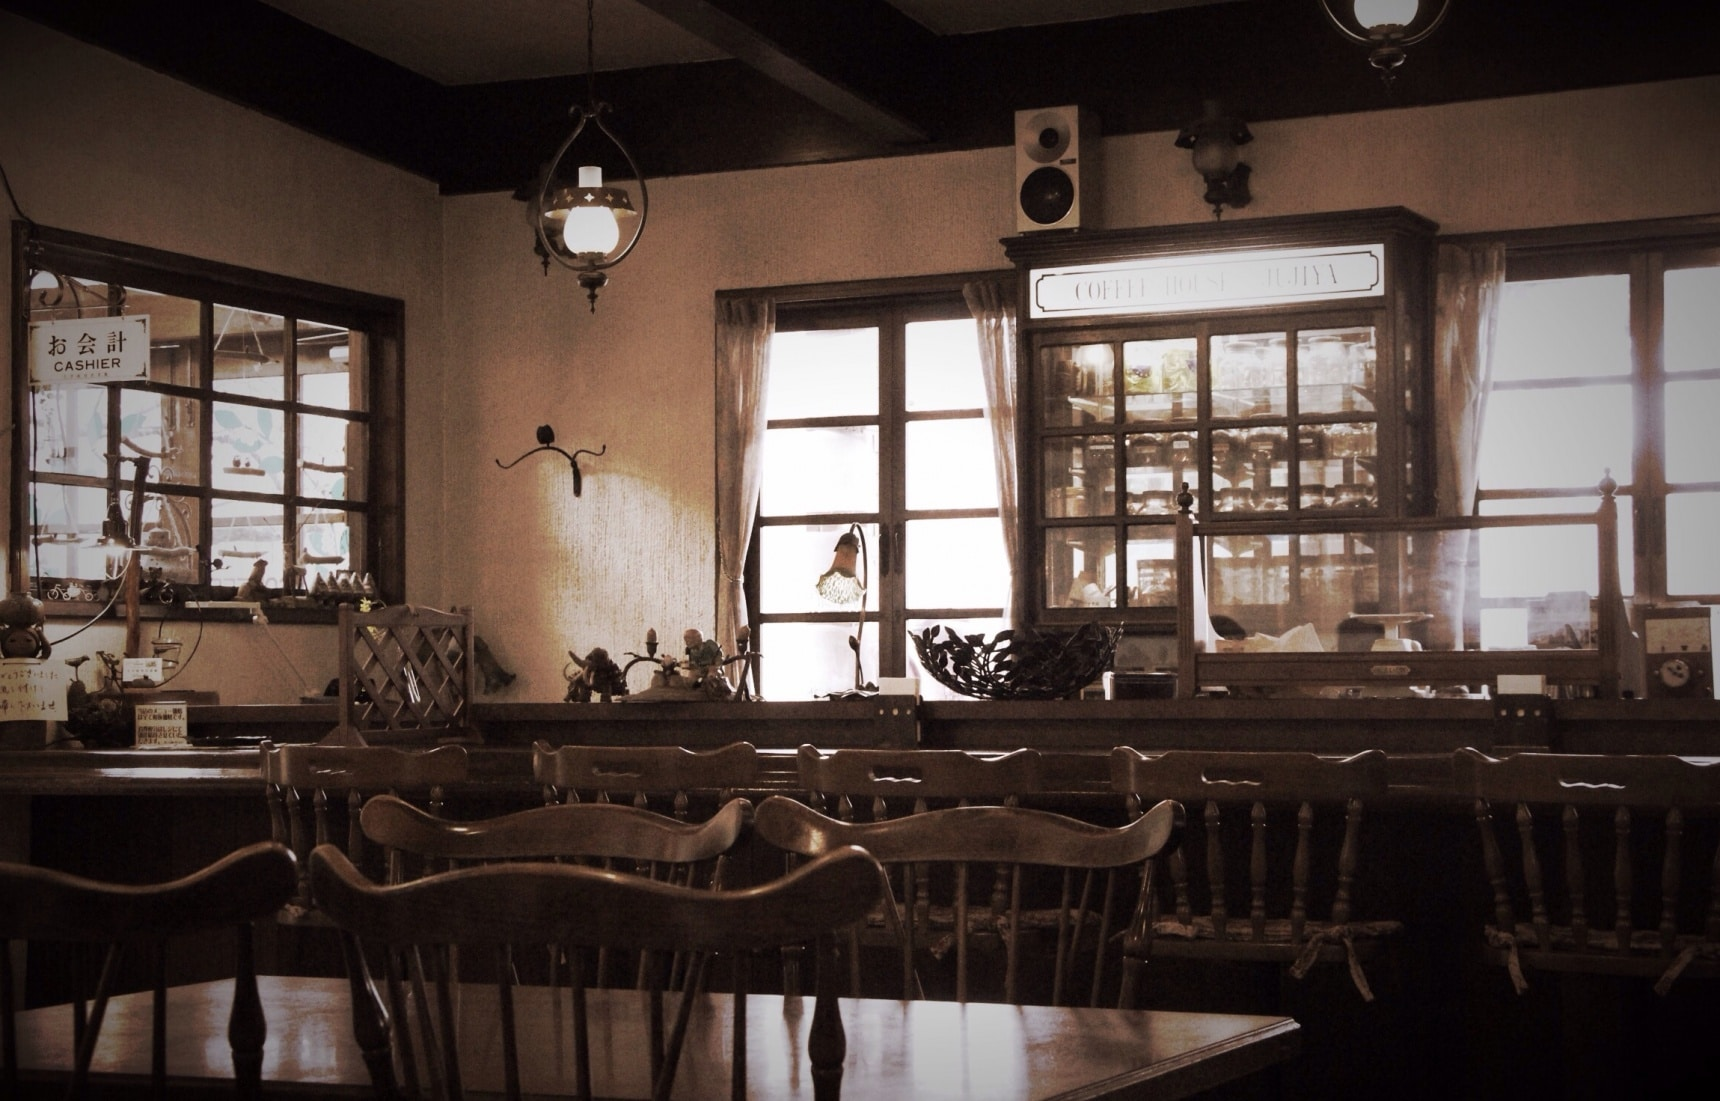 东洋咖啡渡来史:明治篇 — 文人墨客的旧爱新欢